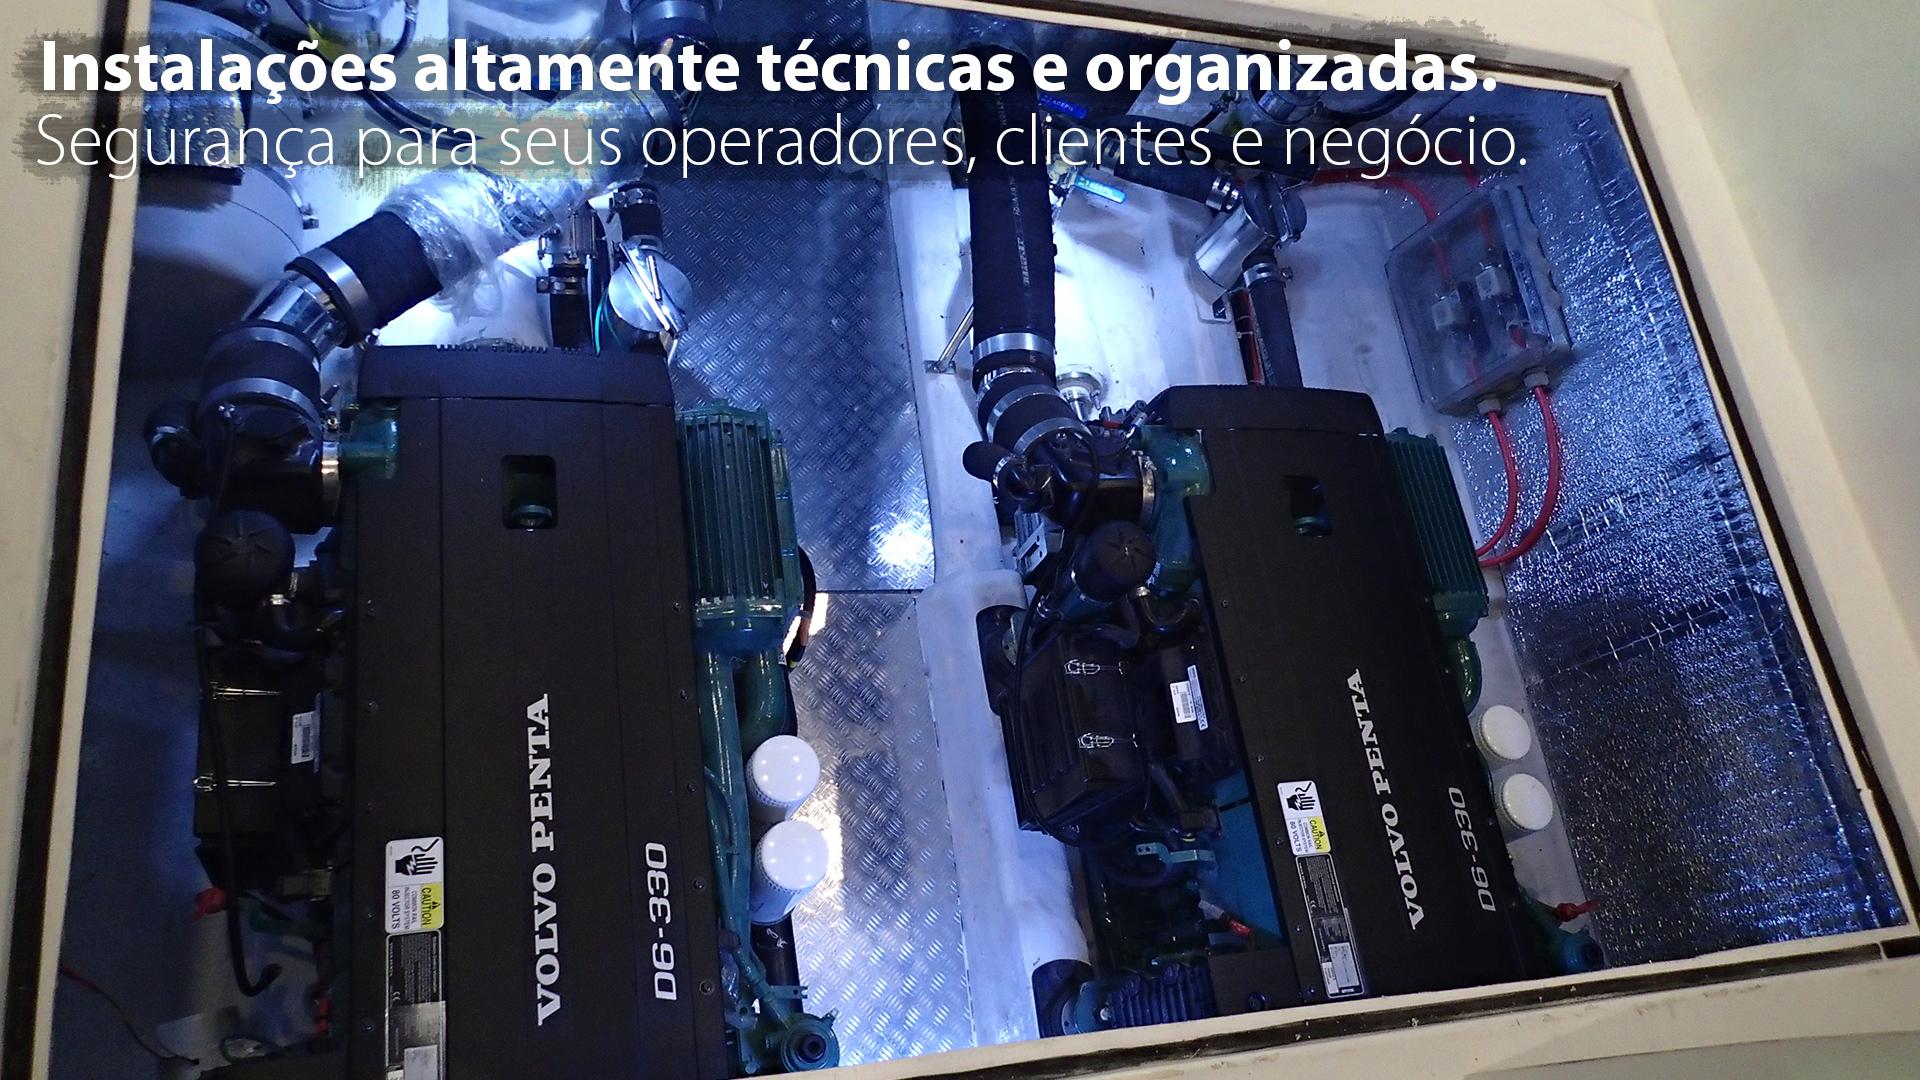 Instalações altamente técnicas e organizadas. Segurança para seus operadores, clientes e negócio.